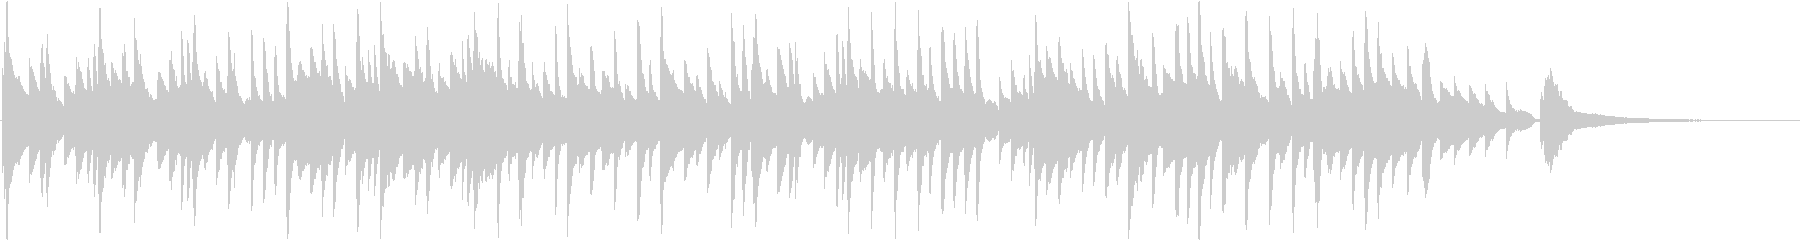 綺麗な高域が特徴のピアノ曲。スローテンポの未再生の波形